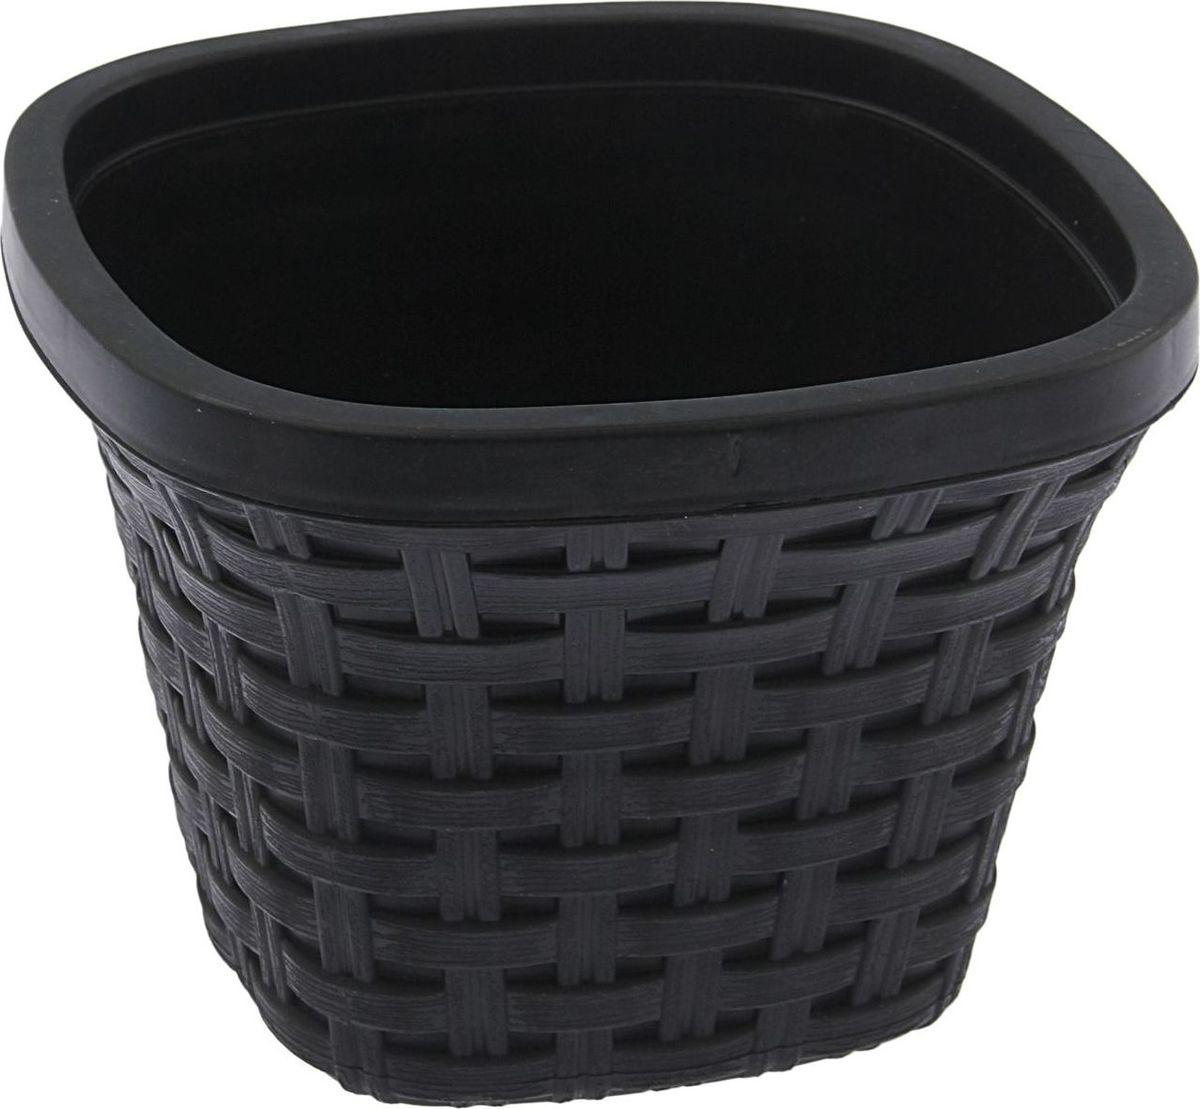 Кашпо квадратное Violet Ротанг, с дренажной системой, цвет: черный, 1,3 лПИ-6-10ТХЛюбой, даже самый современный и продуманный интерьер будет незавершённым без растений. Они не только очищают воздух и насыщают его кислородом, но и украшают окружающее пространство. Такому полезному члену семьи просто необходим красивый и функциональный дом! Мы предлагаем #name#! Оптимальный выбор материала — пластмасса! Почему мы так считаем?Малый вес. С лёгкостью переносите горшки и кашпо с места на место, ставьте их на столики или полки, не беспокоясь о нагрузке. Простота ухода. Кашпо не нуждается в специальных условиях хранения. Его легко чистить — достаточно просто сполоснуть тёплой водой. Никаких потёртостей. Такие кашпо не царапают и не загрязняют поверхности, на которых стоят. Пластик дольше хранит влагу, а значит, растение реже нуждается в поливе. Пластмасса не пропускает воздух — корневой системе растения не грозят резкие перепады температур. Огромный выбор форм, декора и расцветок — вы без труда найдёте что-то, что идеально впишется в уже существующий интерьер. Соблюдая нехитрые правила ухода, вы можете заметно продлить срок службы горшков и кашпо из пластика:всегда учитывайте размер кроны и корневой системы (при разрастании большое растение способно повредить маленький горшок)берегите изделие от воздействия прямых солнечных лучей, чтобы горшки не выцветалидержите кашпо из пластика подальше от нагревающихся поверхностей. Создавайте прекрасные цветочные композиции, выращивайте рассаду или необычные растения.